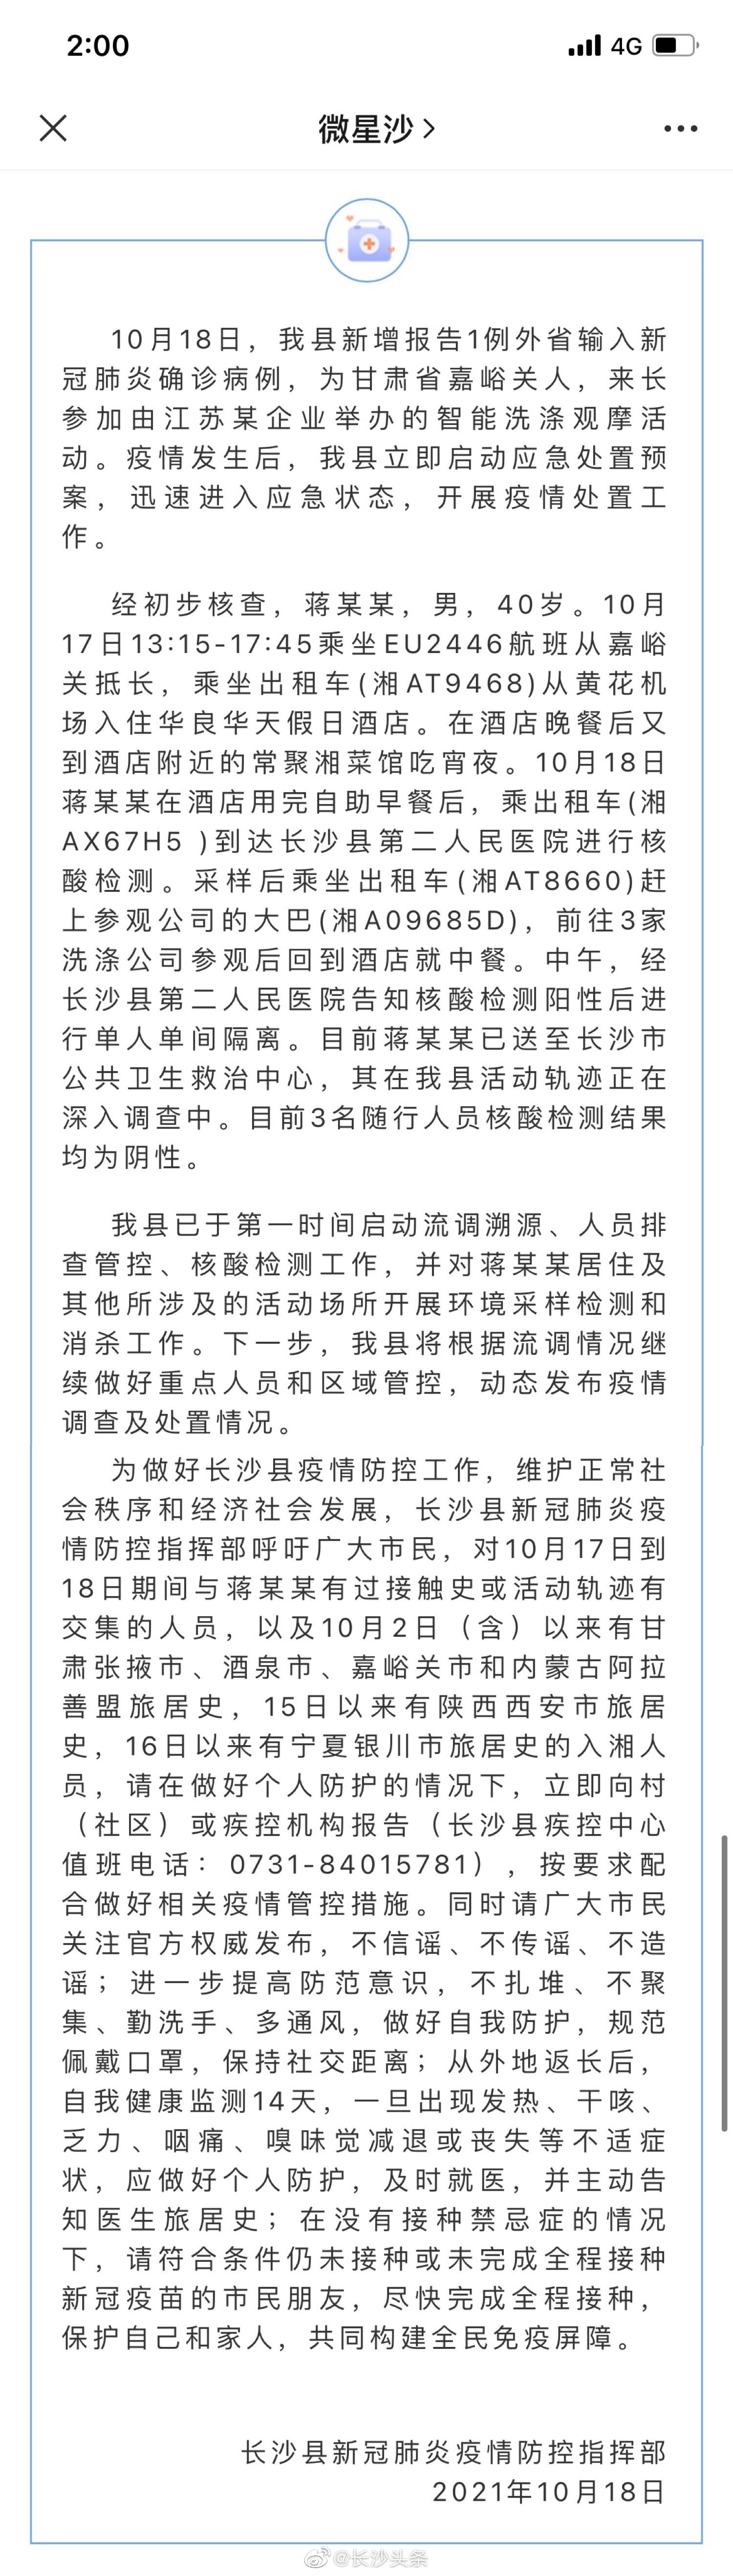 长沙新增1例外省输入确诊病例